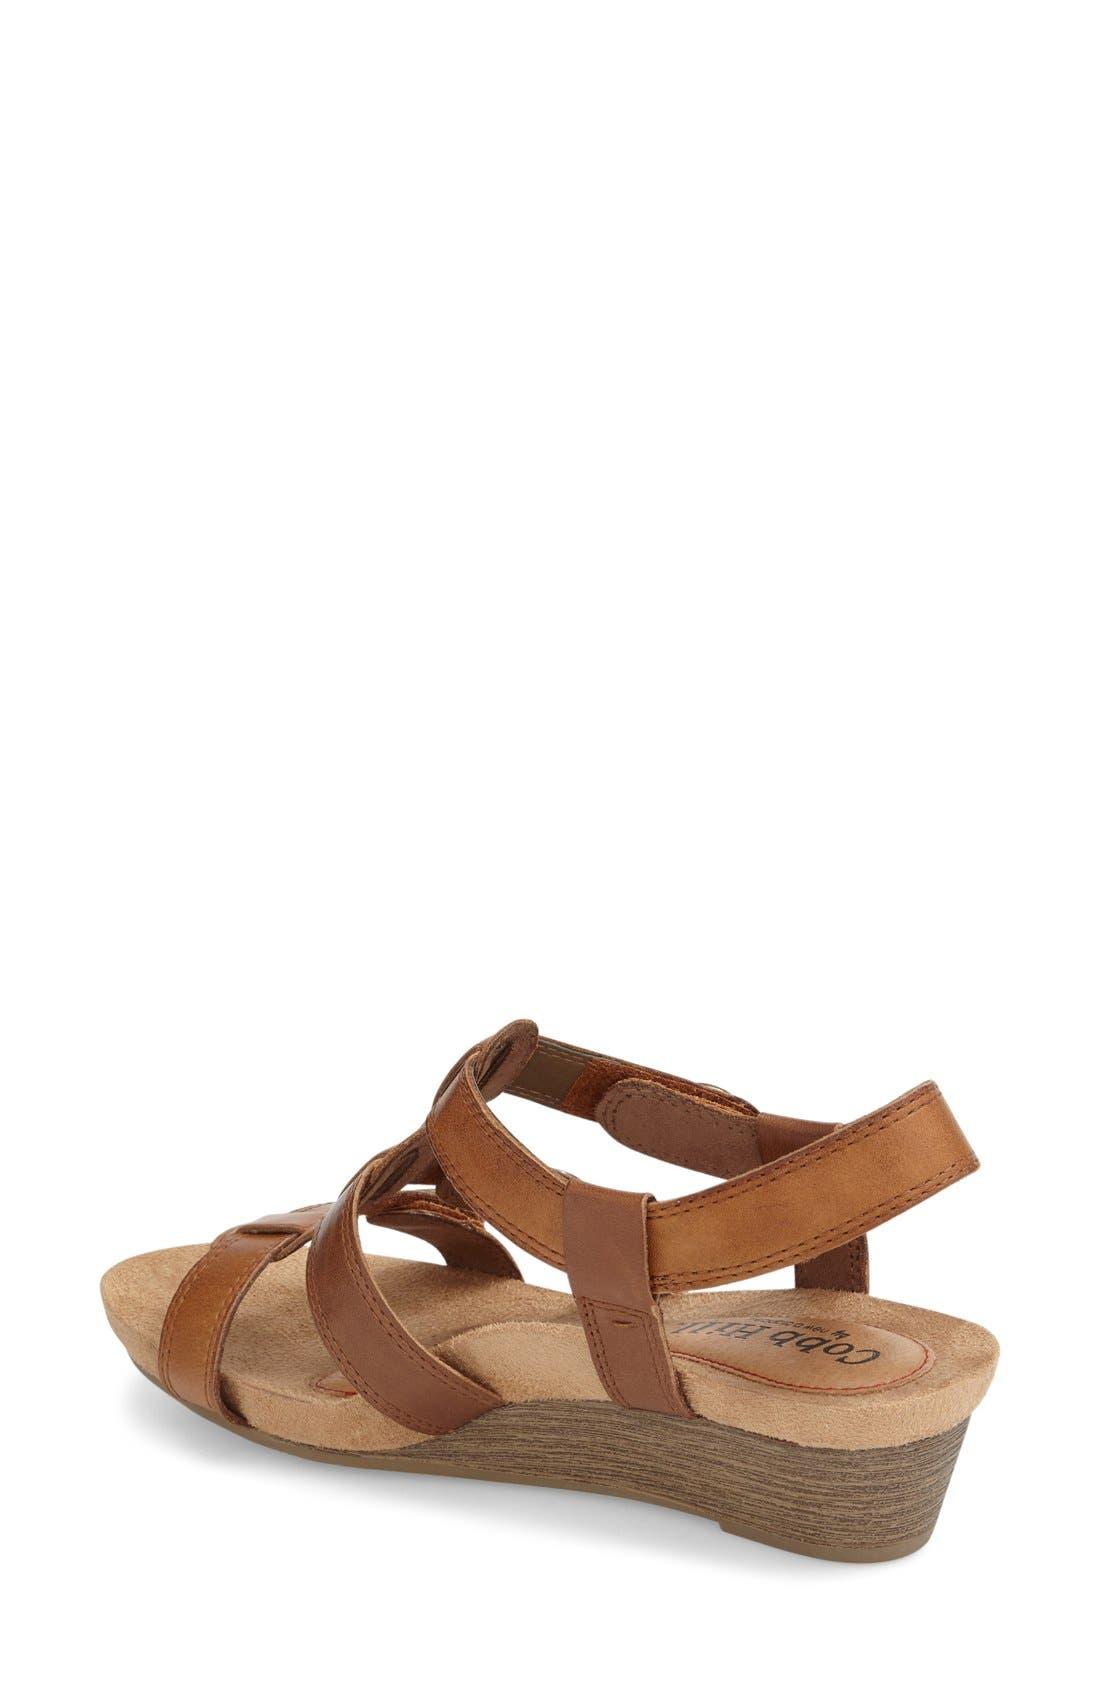 Alternate Image 2  - Rockport Cobb Hill 'Harper' Wedge Sandal (Women)